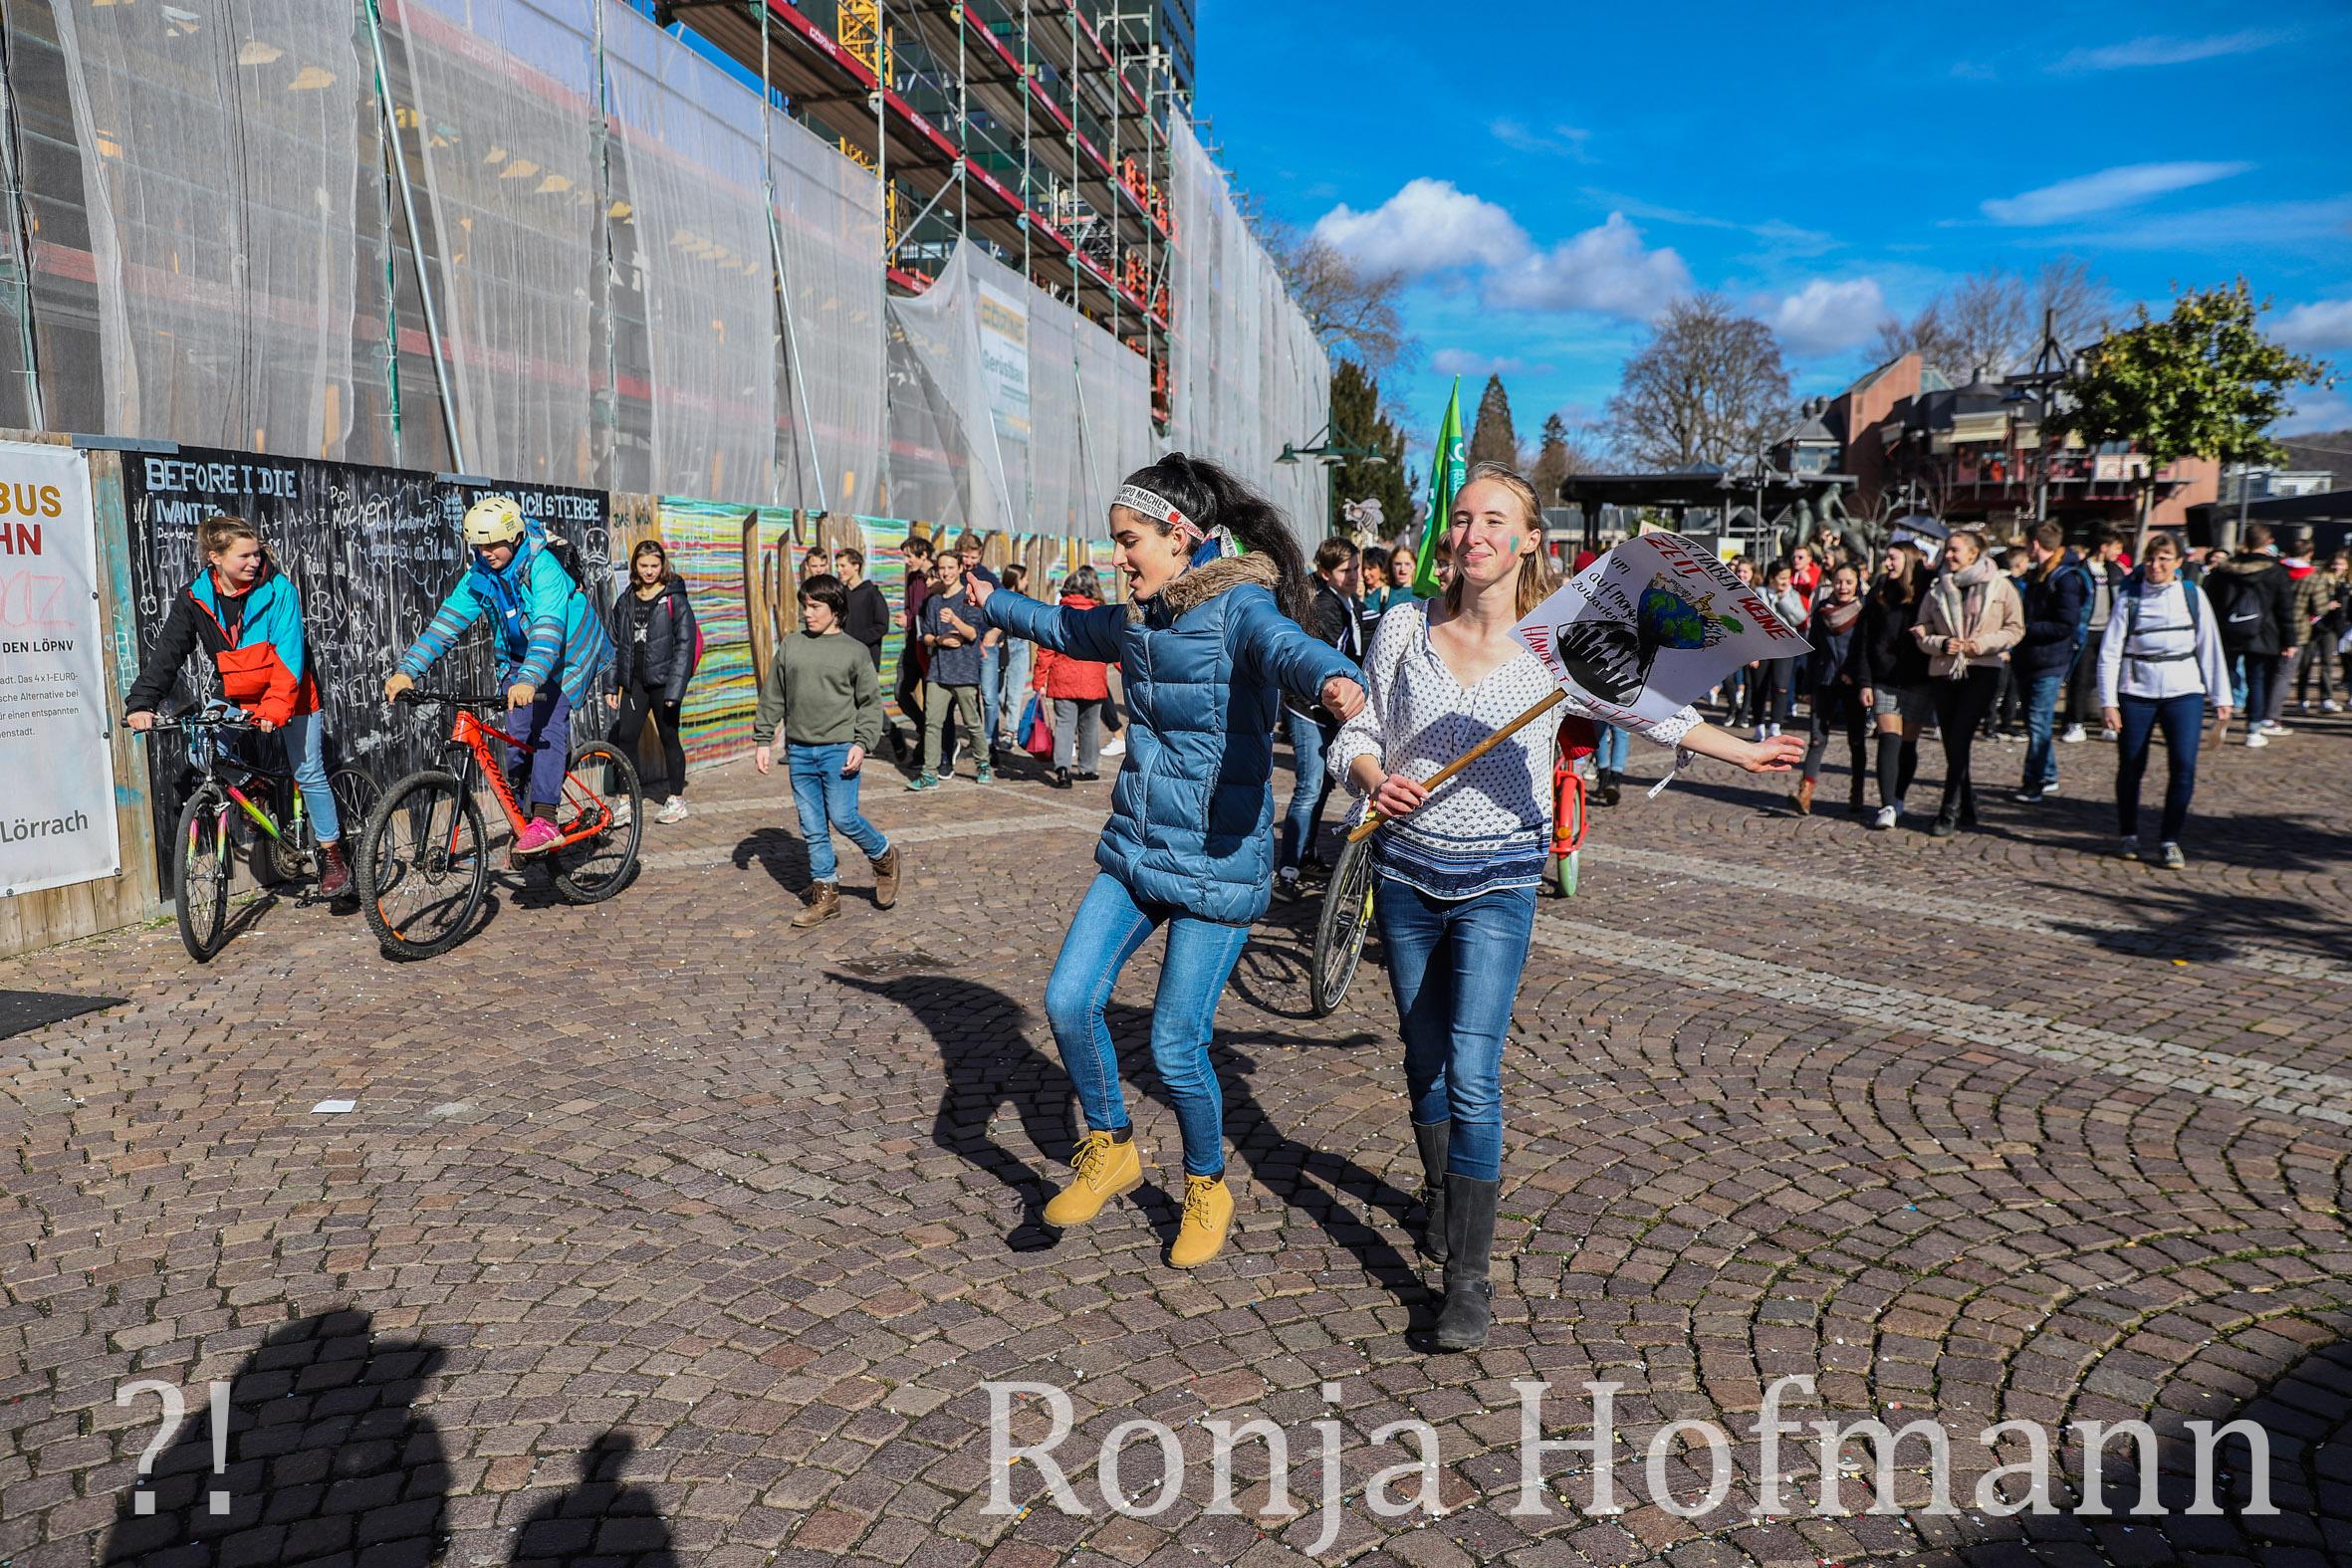 Aktivistin Ronja Hofmann - Foto: Kristoff Meller/Die Oberbadische